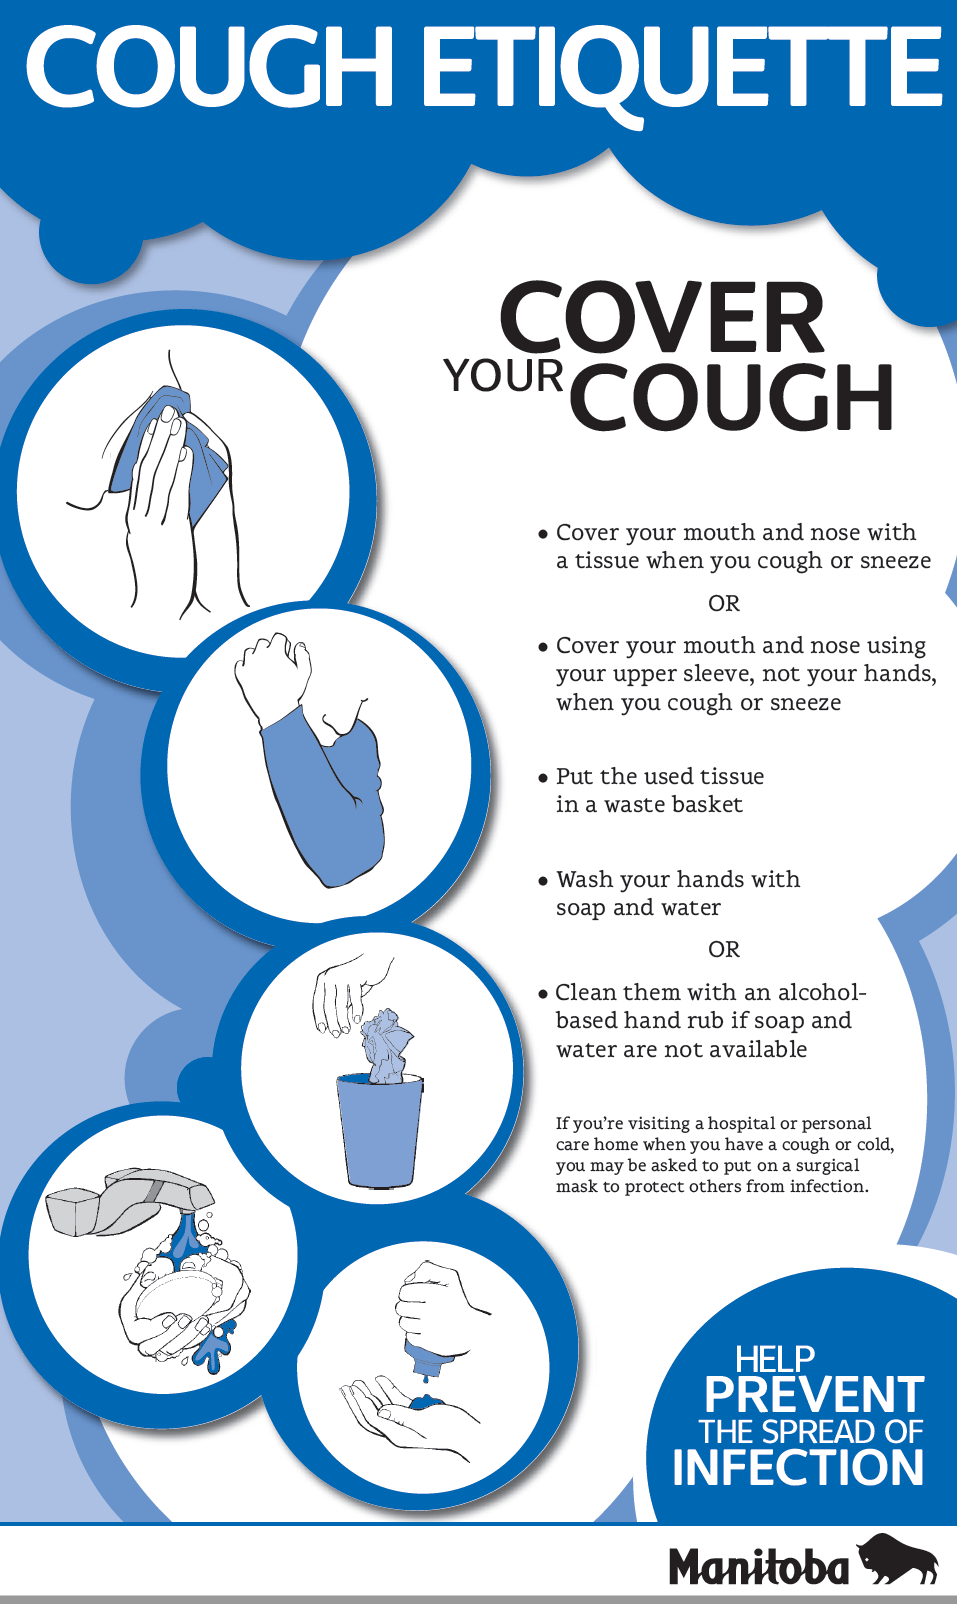 Cough Etiquette – Manitoba Government